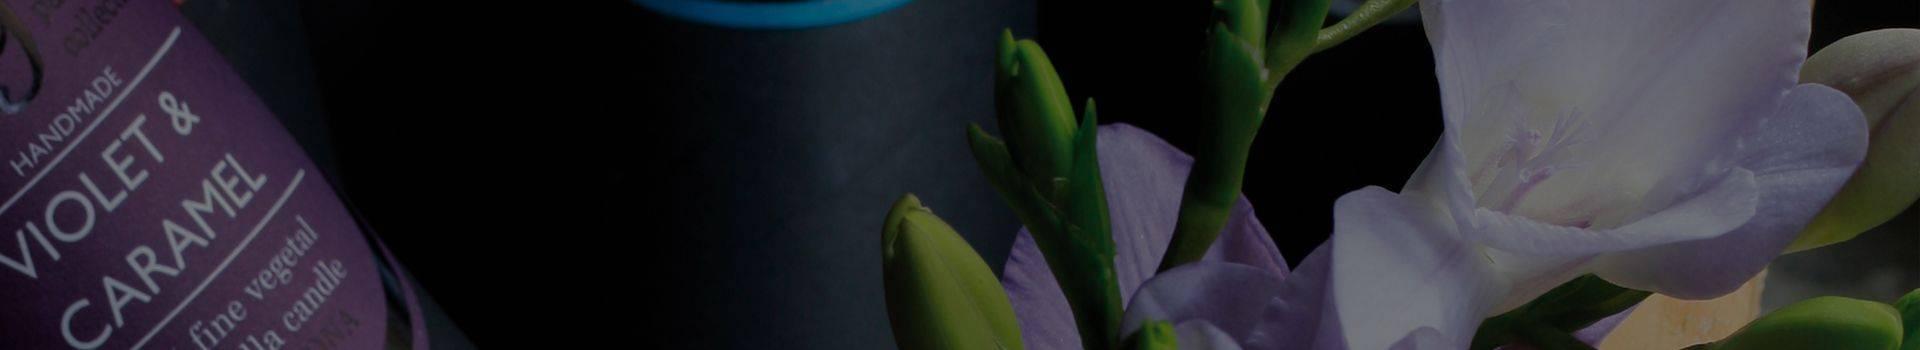 Velas perfumadas, velas aromáticas y velas hechas con cera de abeja